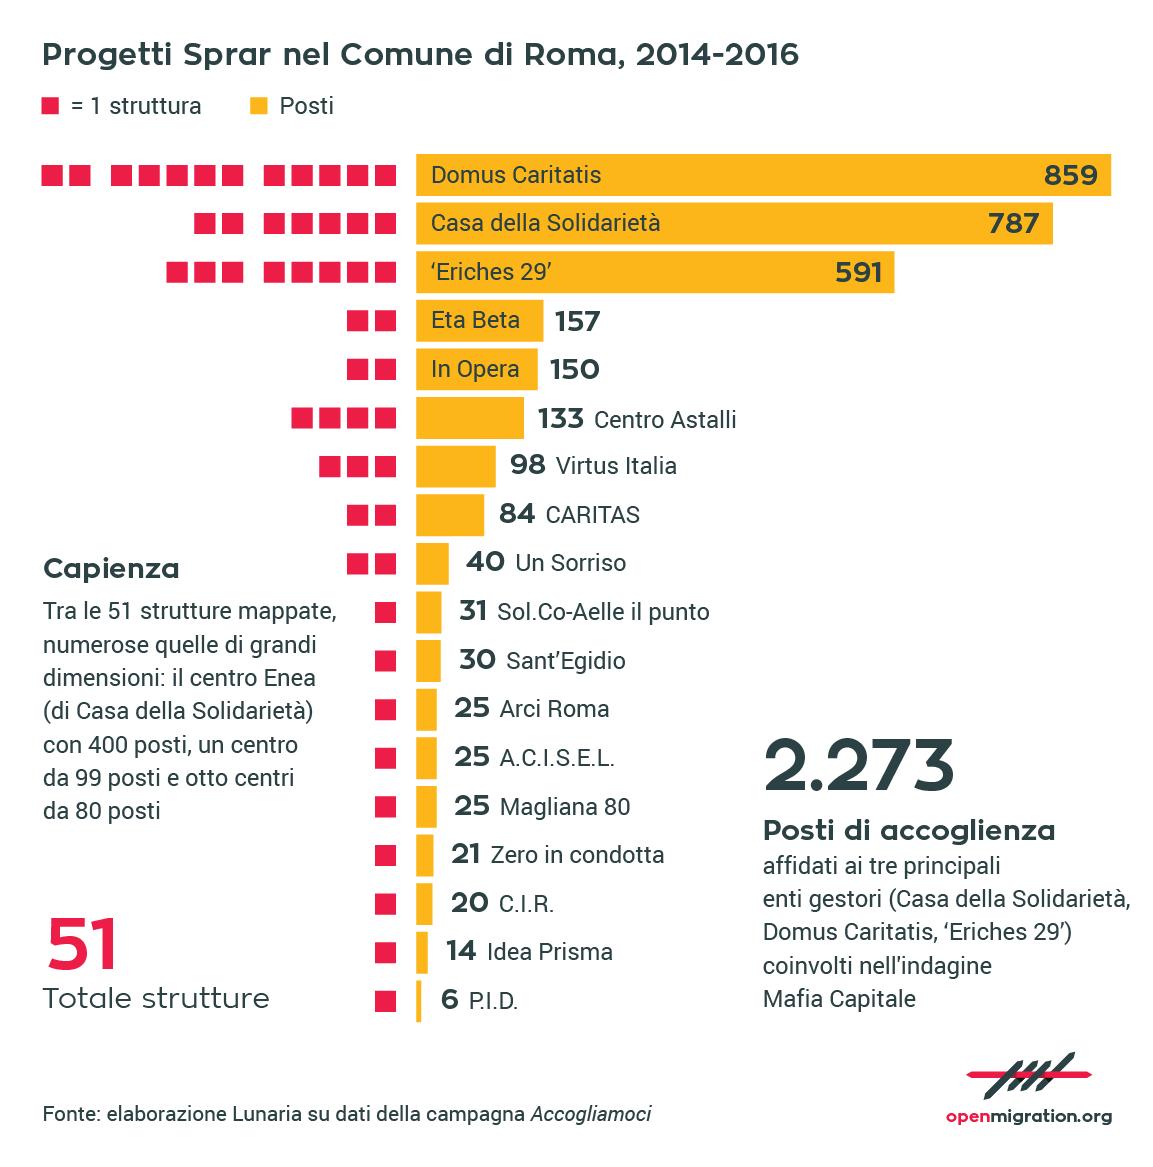 Progetti SPRAR nel comune di Roma, 2014-2016